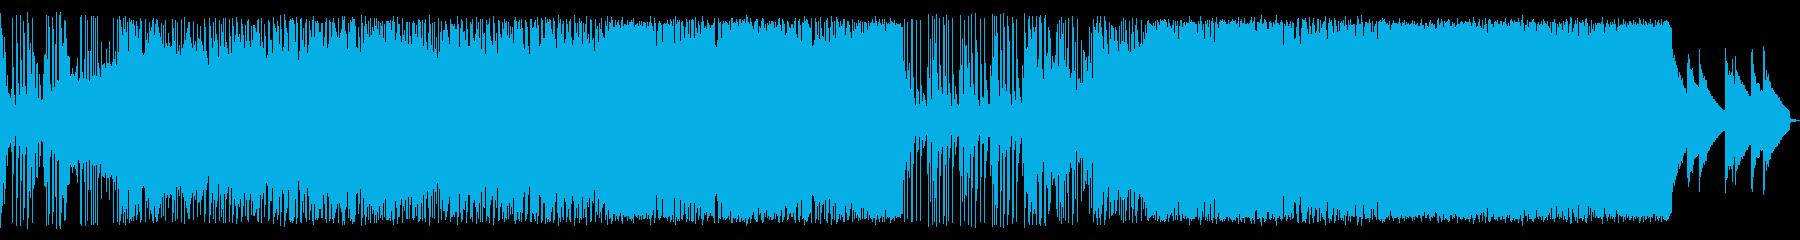 アップテンポEDM/スピード感あるBGMの再生済みの波形